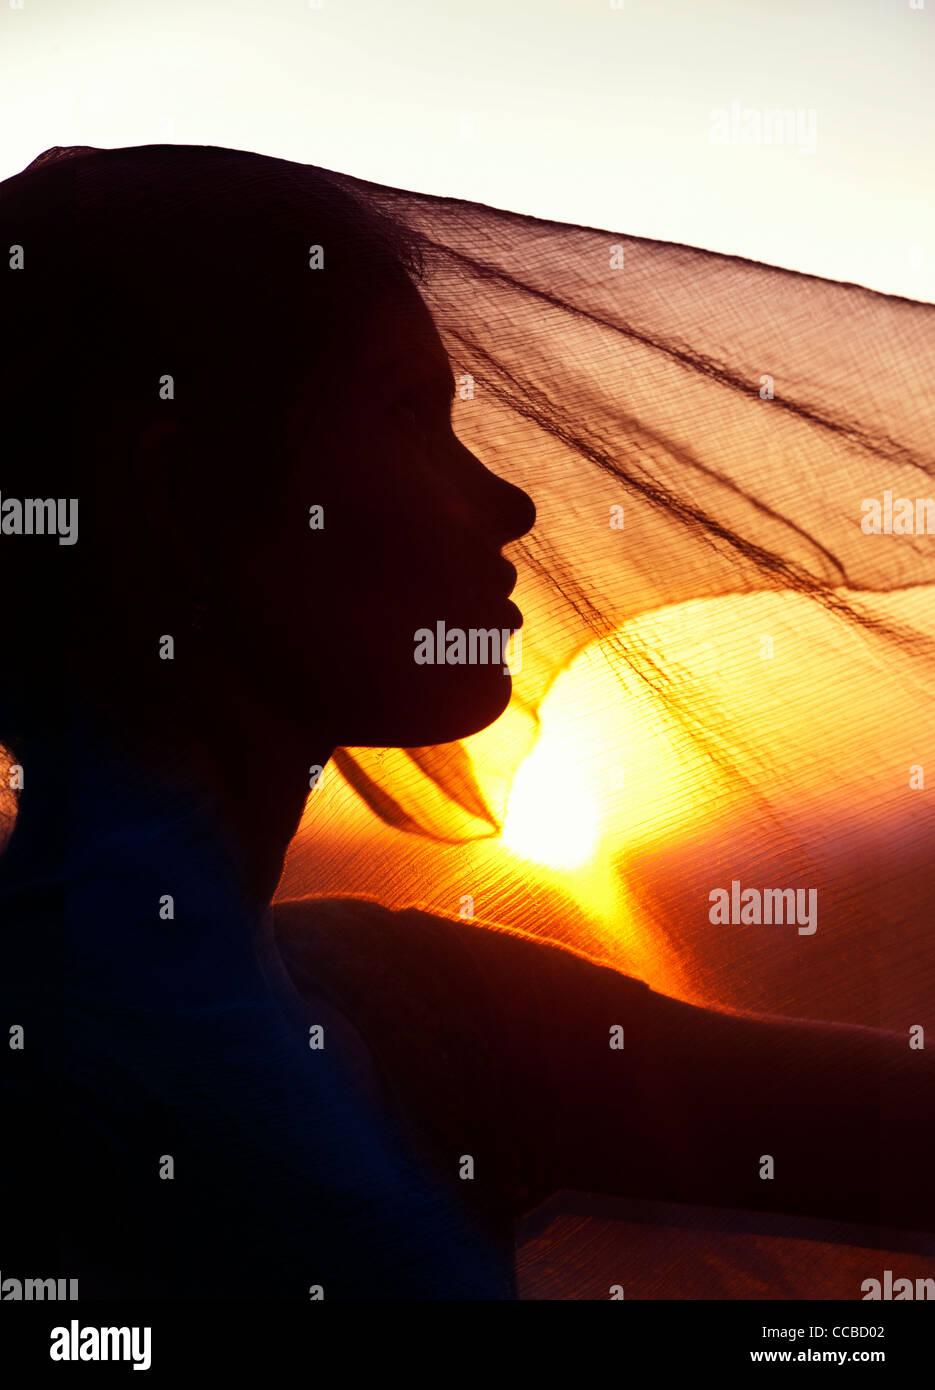 Indian girl et voile au coucher du soleil. Silhouette. L'Andhra Pradesh, Inde Banque D'Images